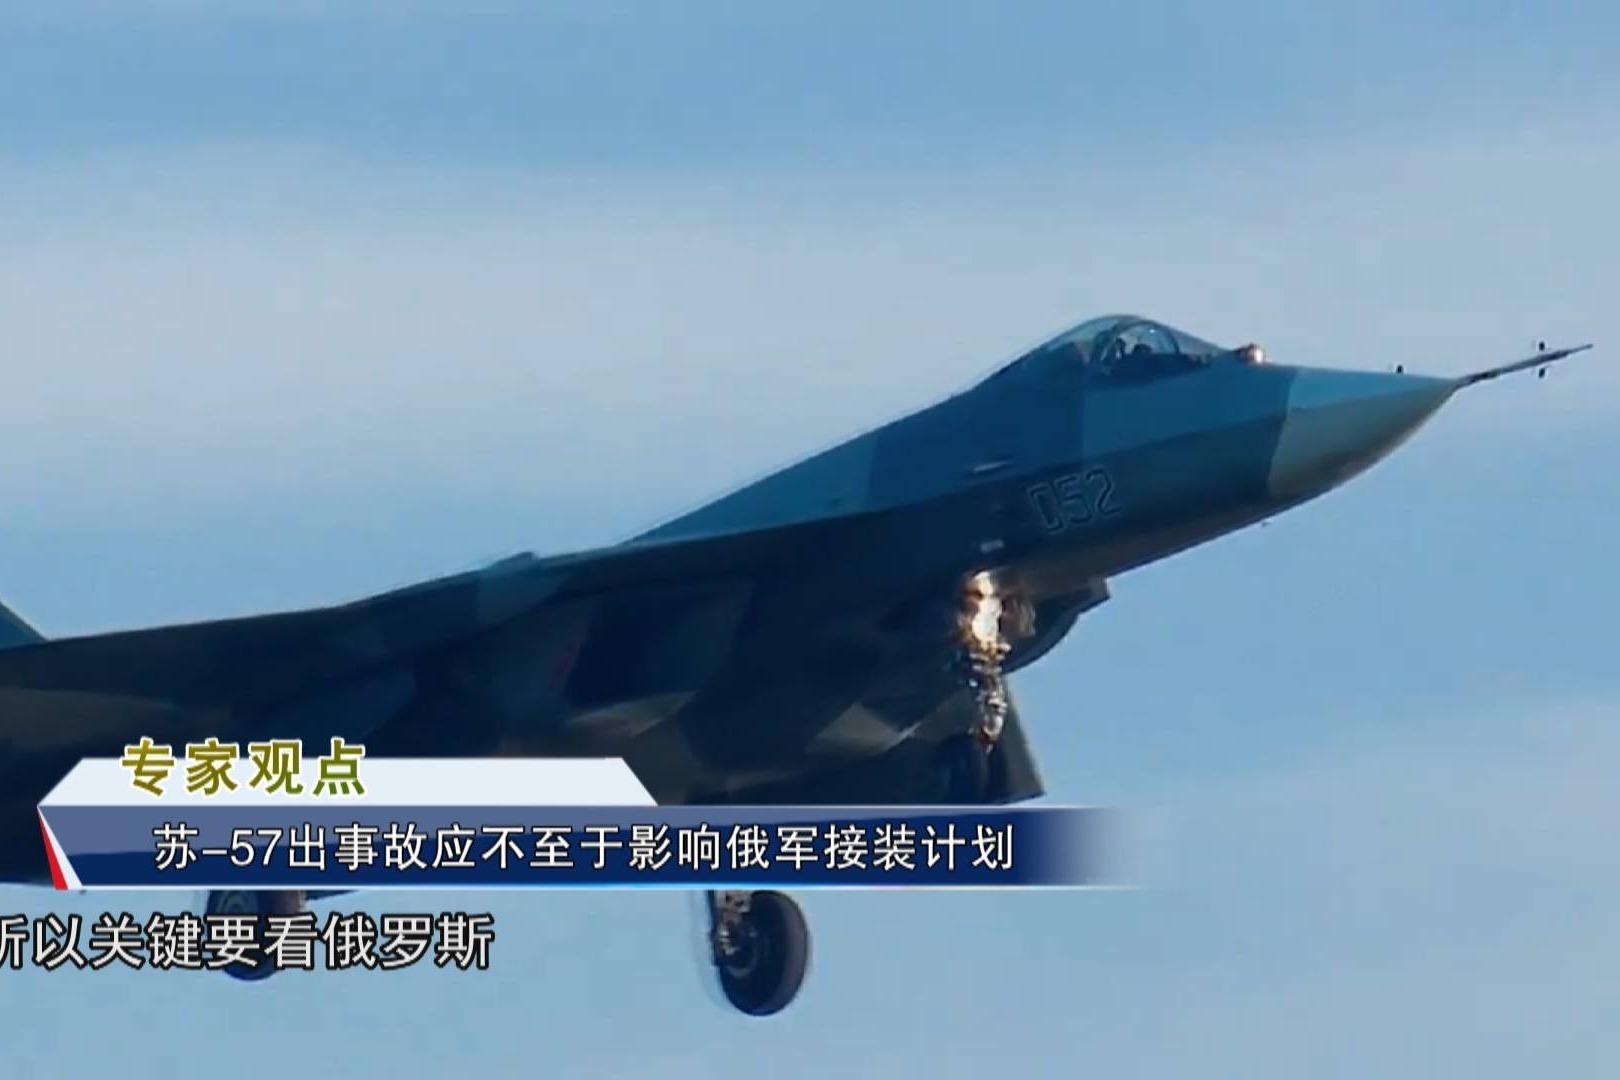 苏-57飞控系统导致故障导致坠机,对俄罗斯军事影响有限